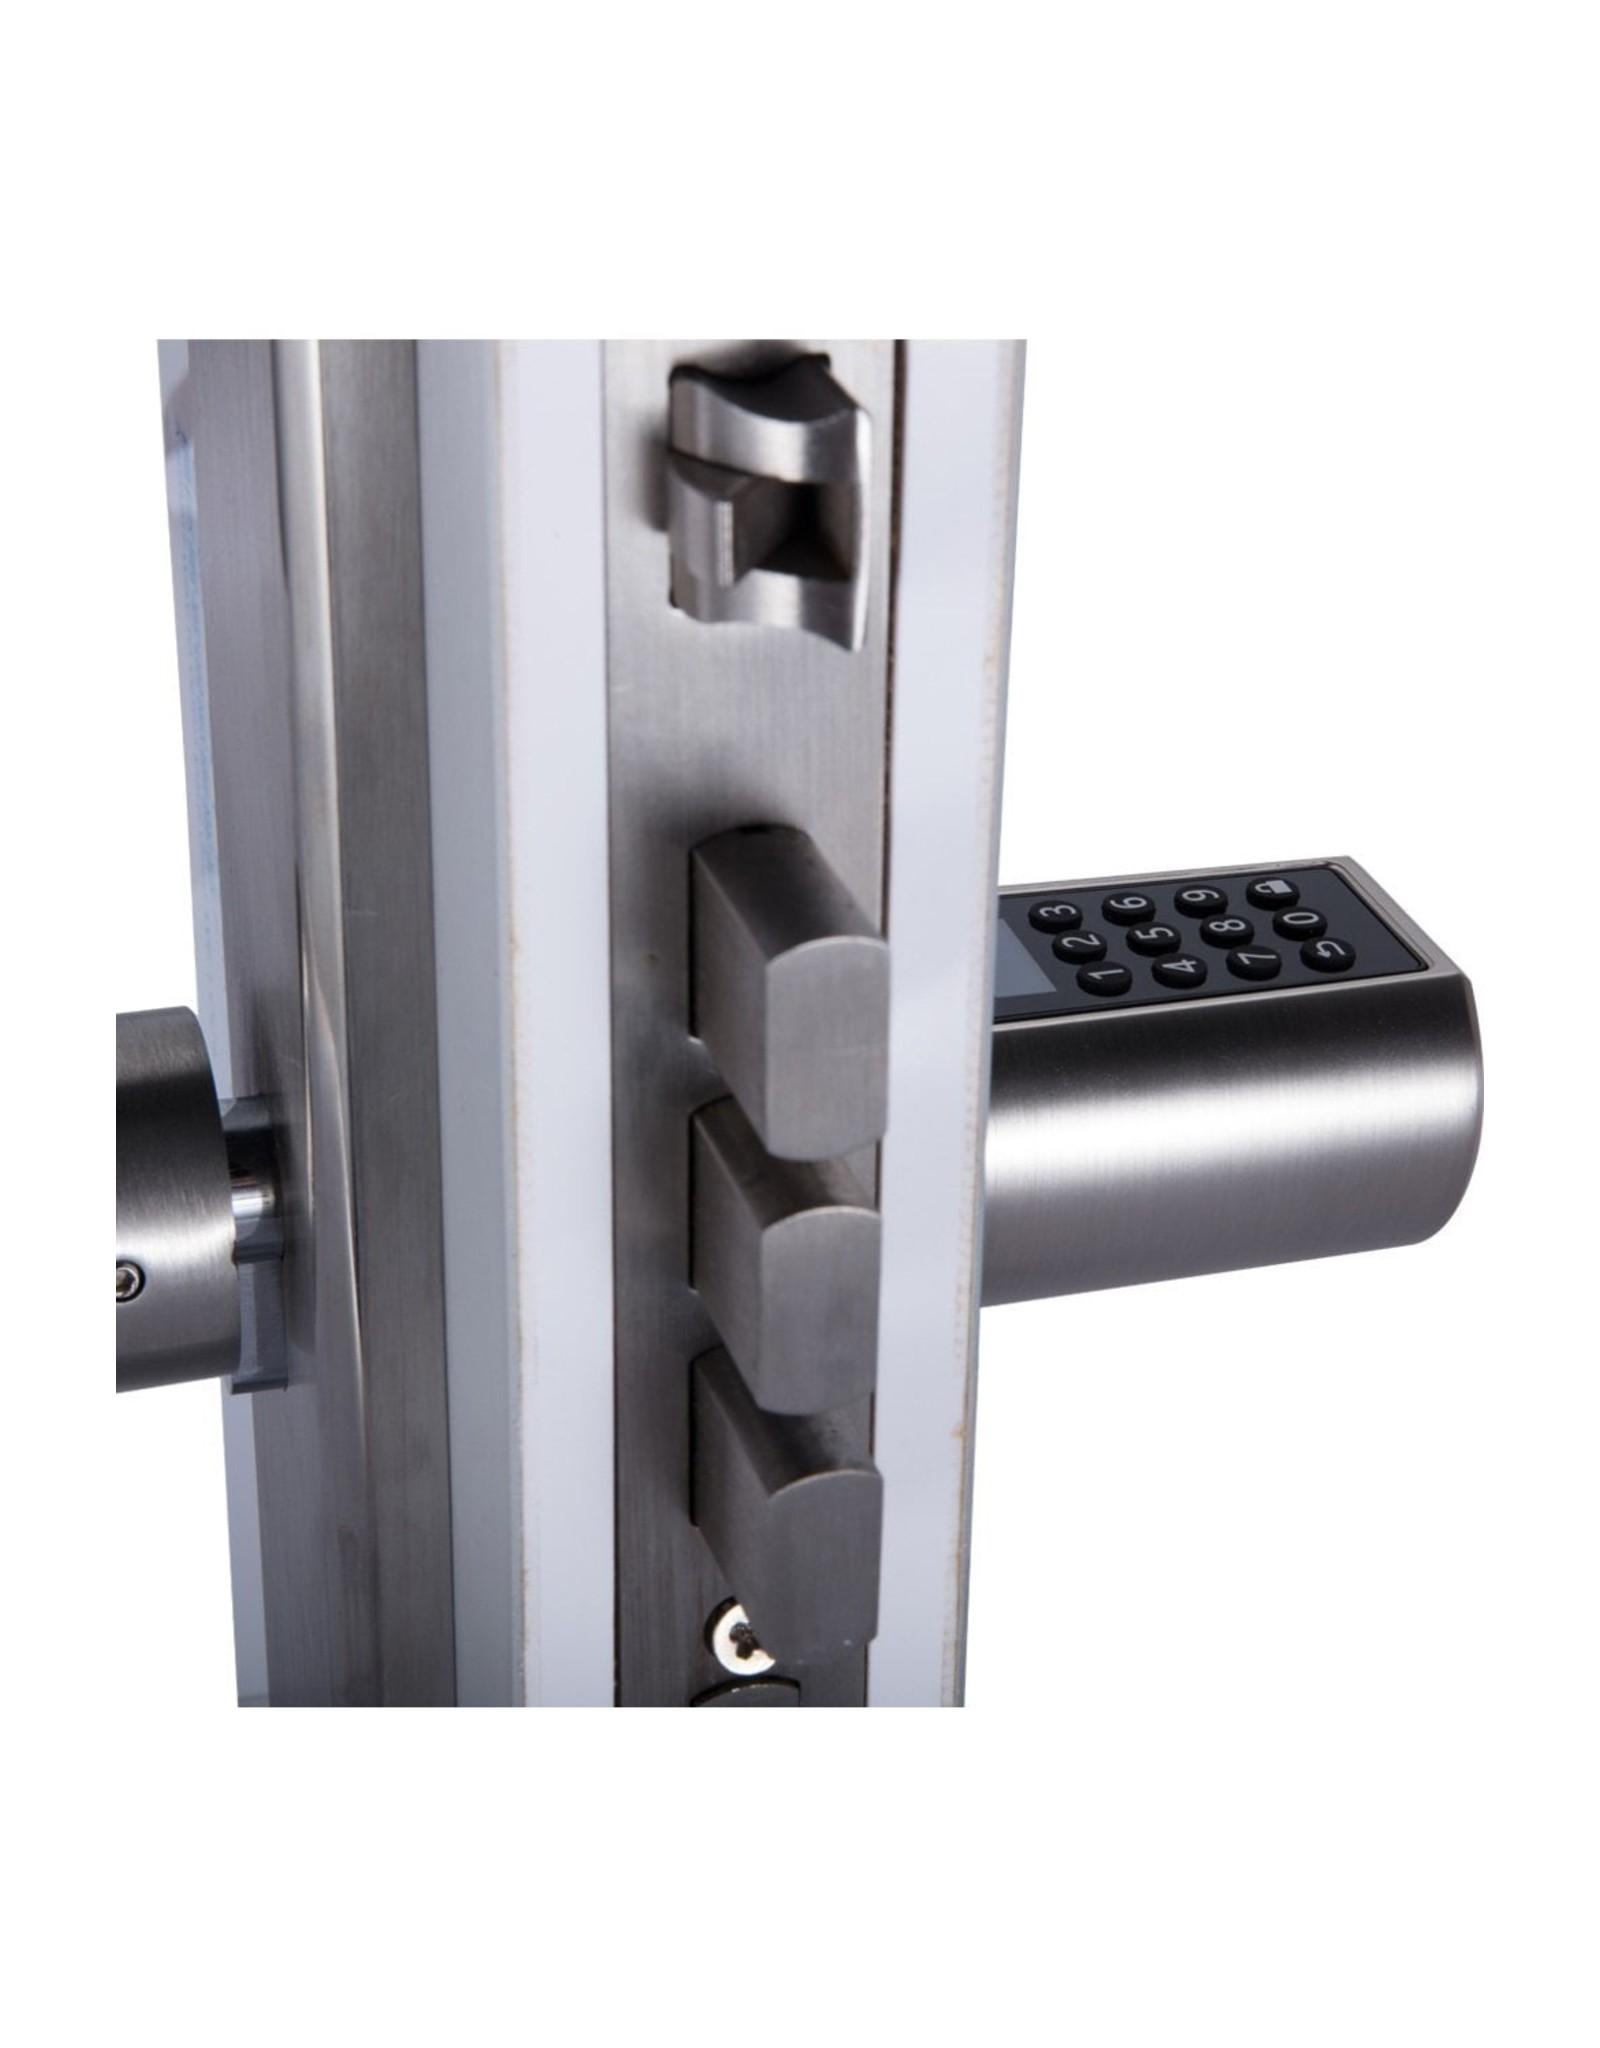 Woox Home Woox smart doorlock | R7056